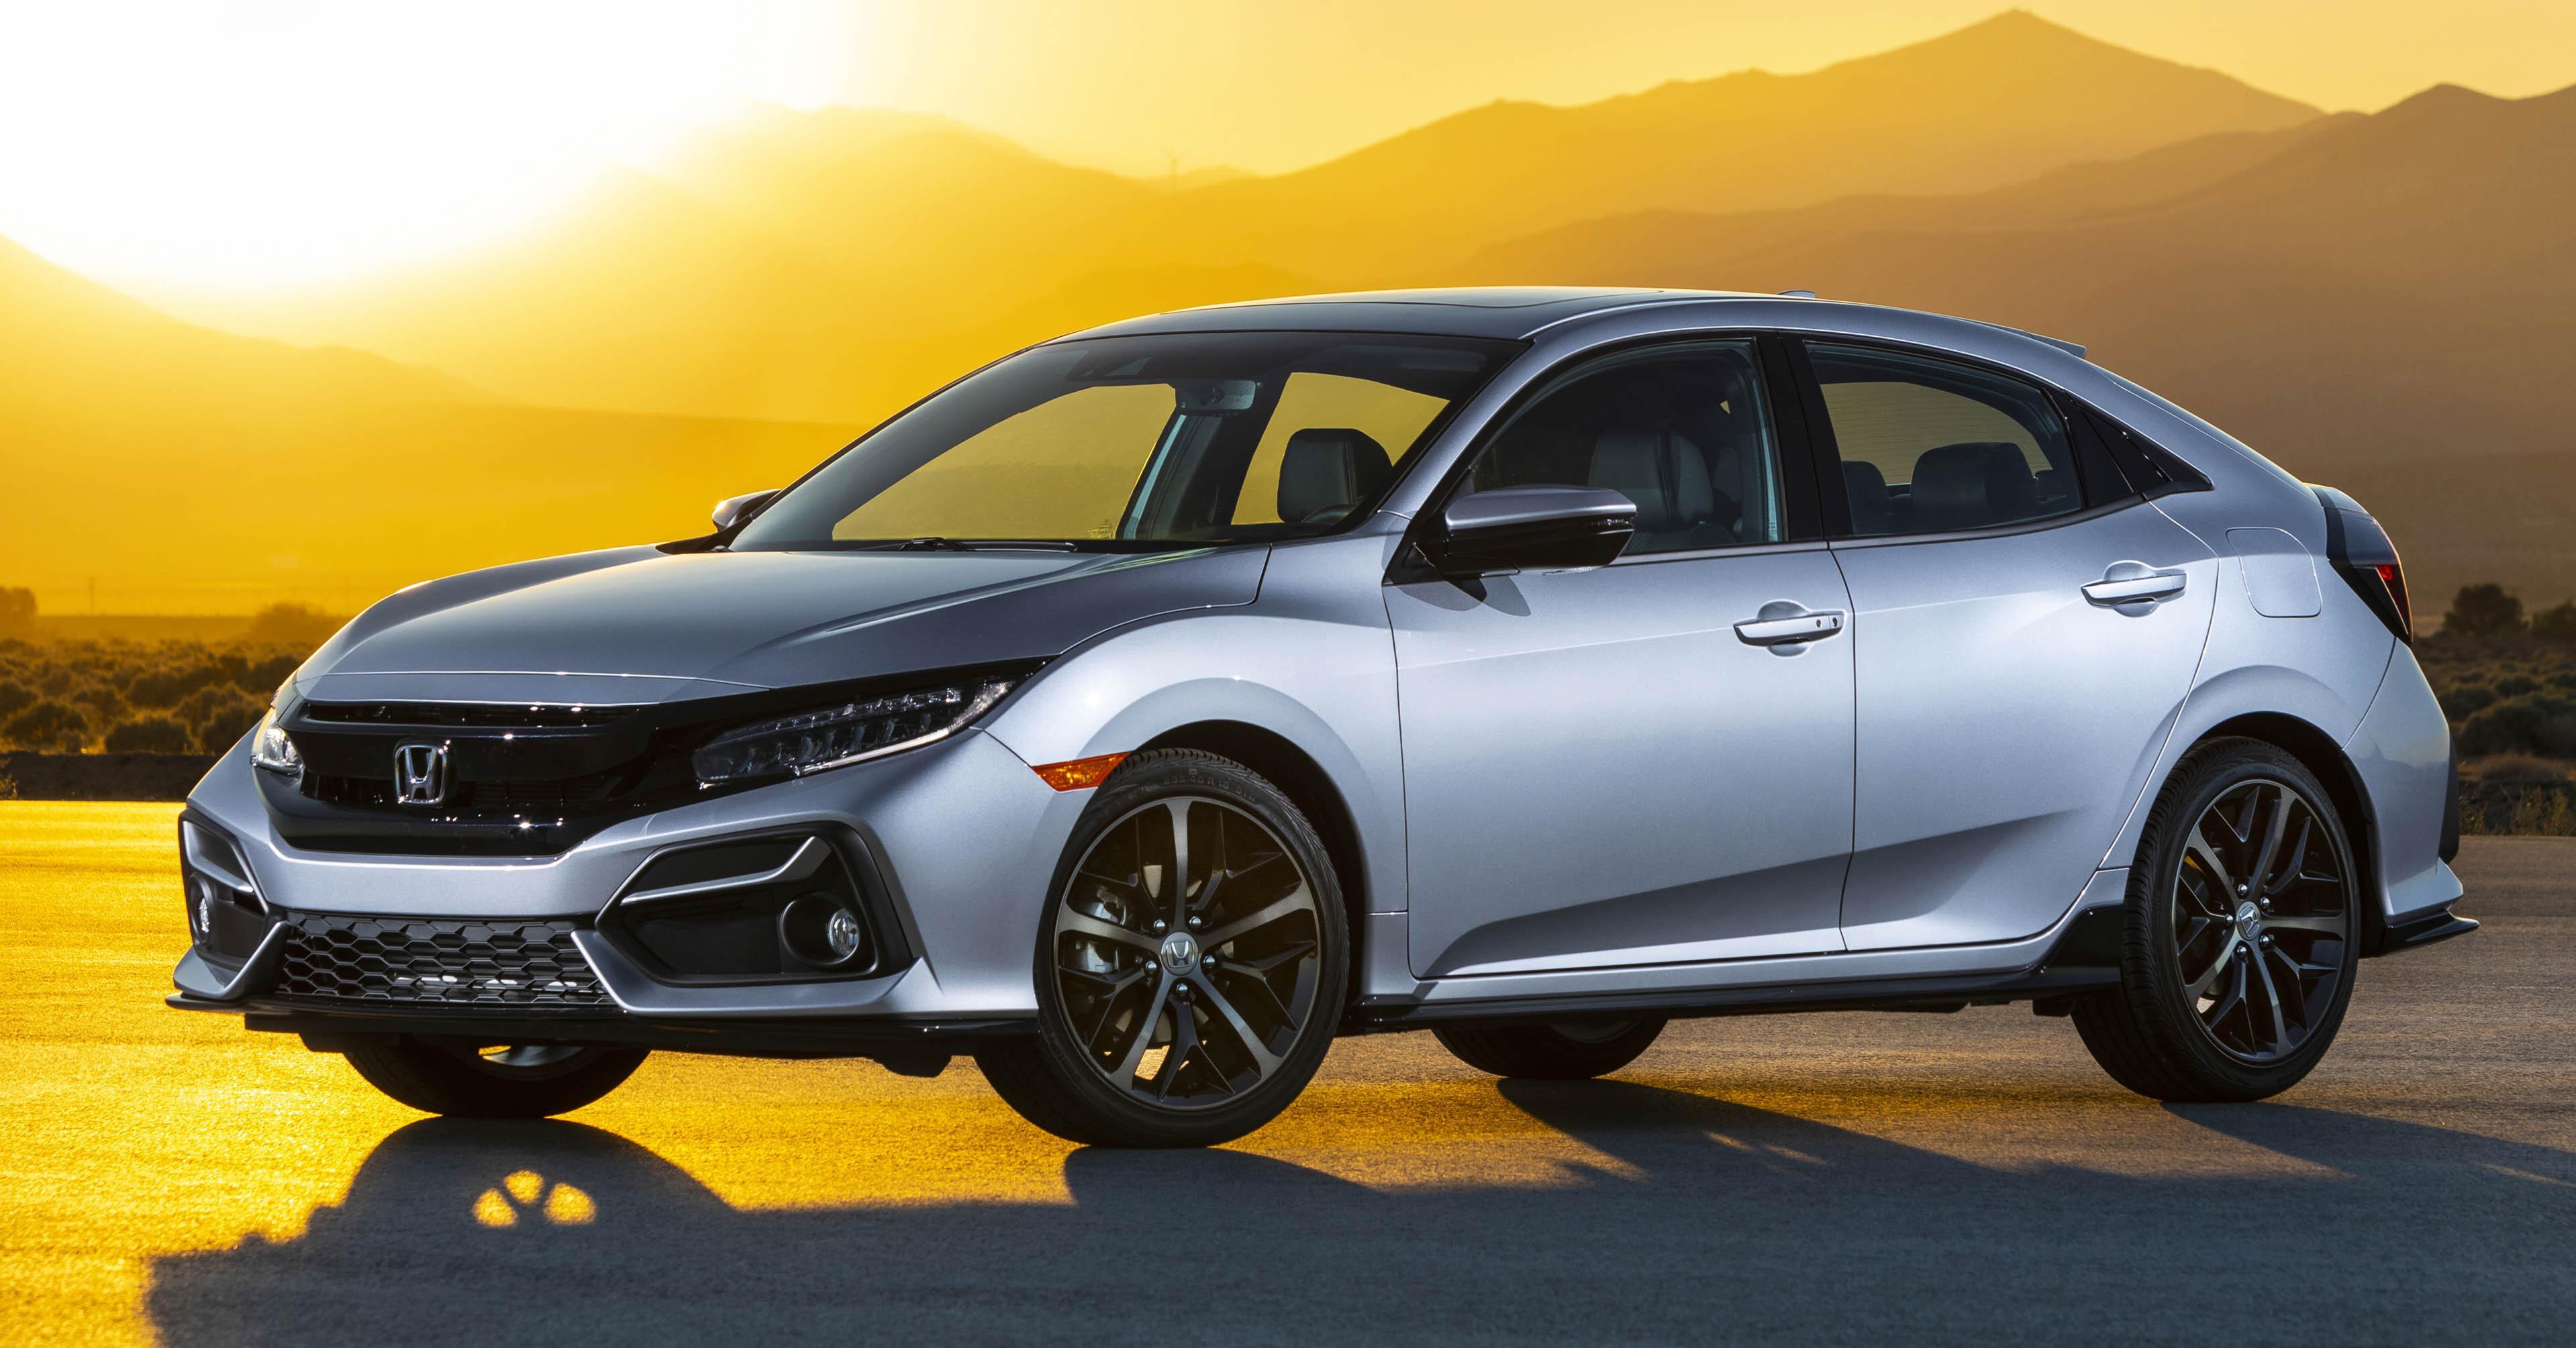 Honda Civic Hatchback 2020 nâng cấp ra mắt giá từ 21.650 USD Ảnh 2